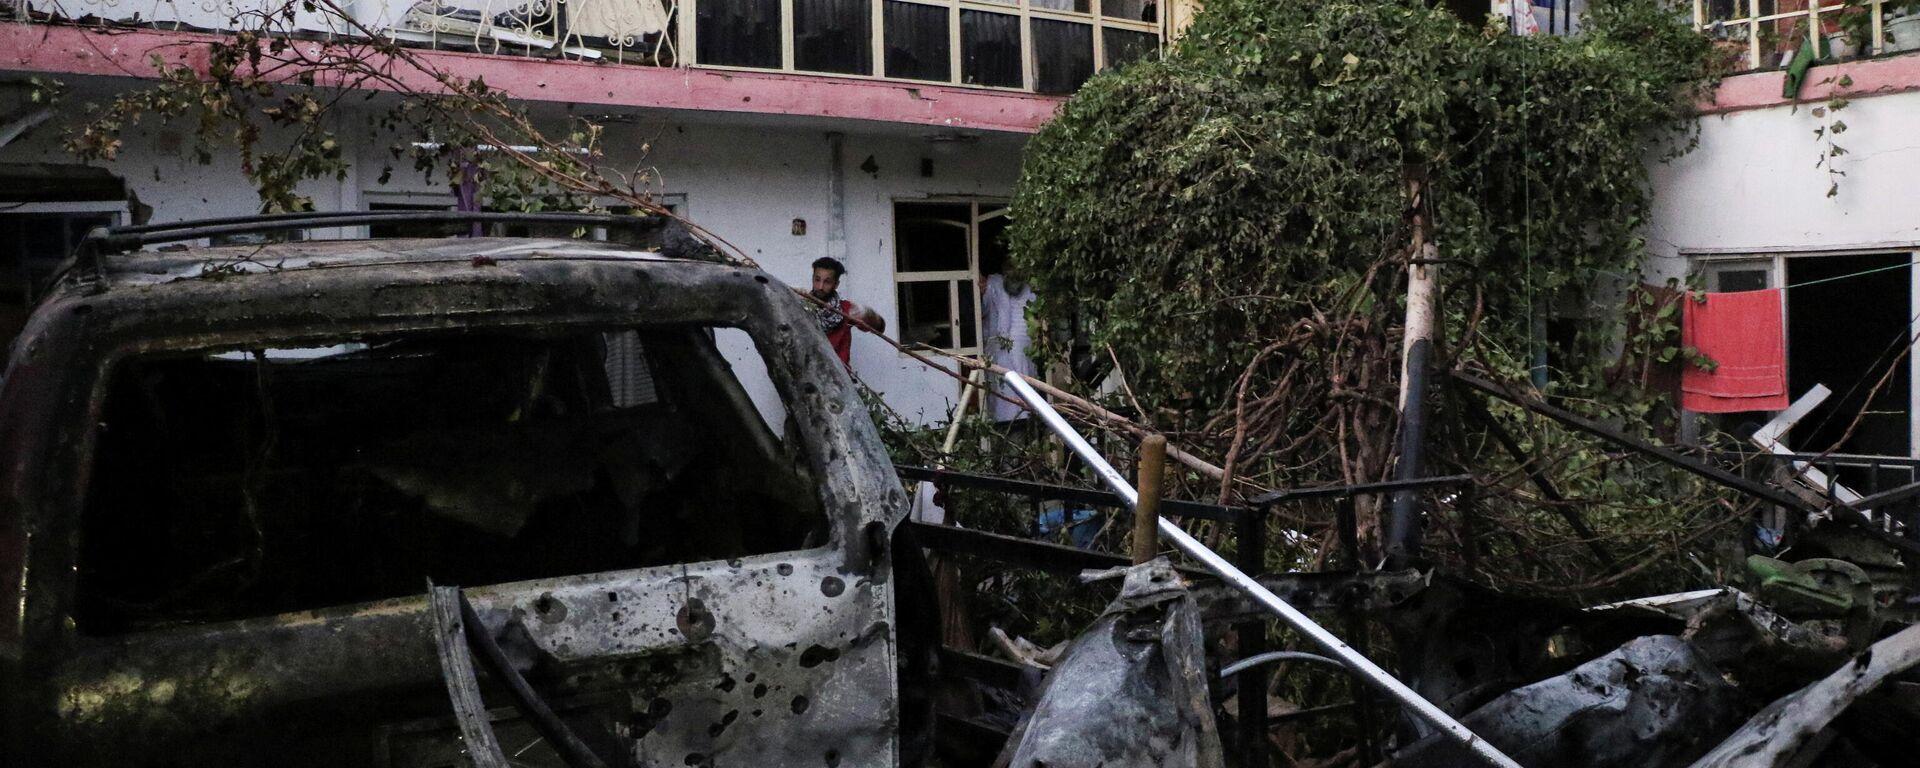 Privathaus im 15. Polizeibezirk in Kabul, welches nach dem US-Angriff auf einen Selbstmordattentäter teilweise zerstört wurde - SNA, 1920, 29.08.2021